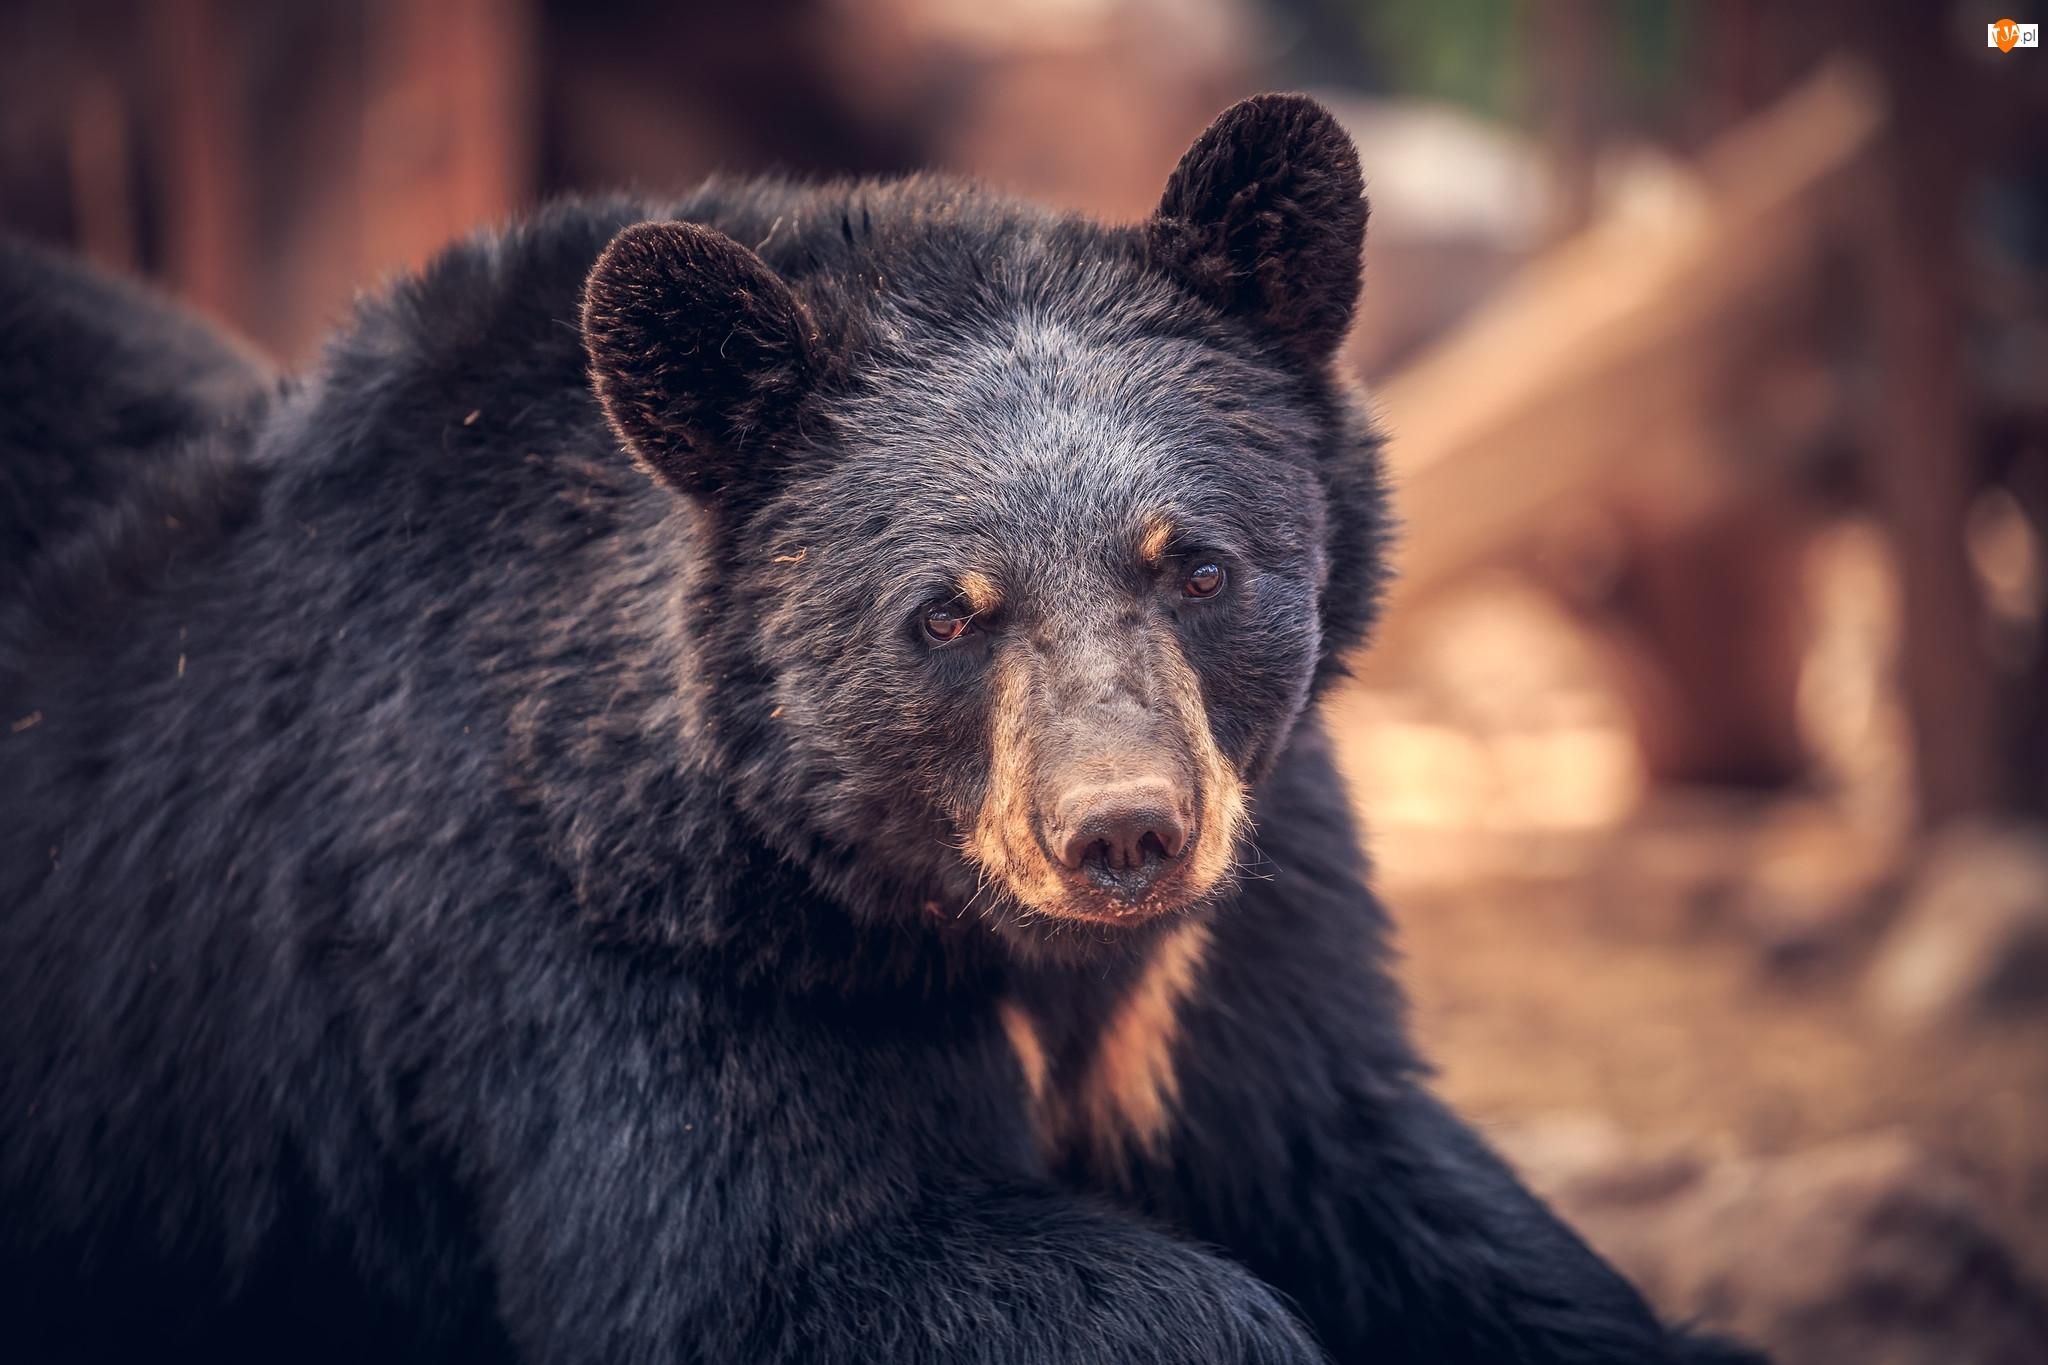 Baribal, Niedźwiedź czarny